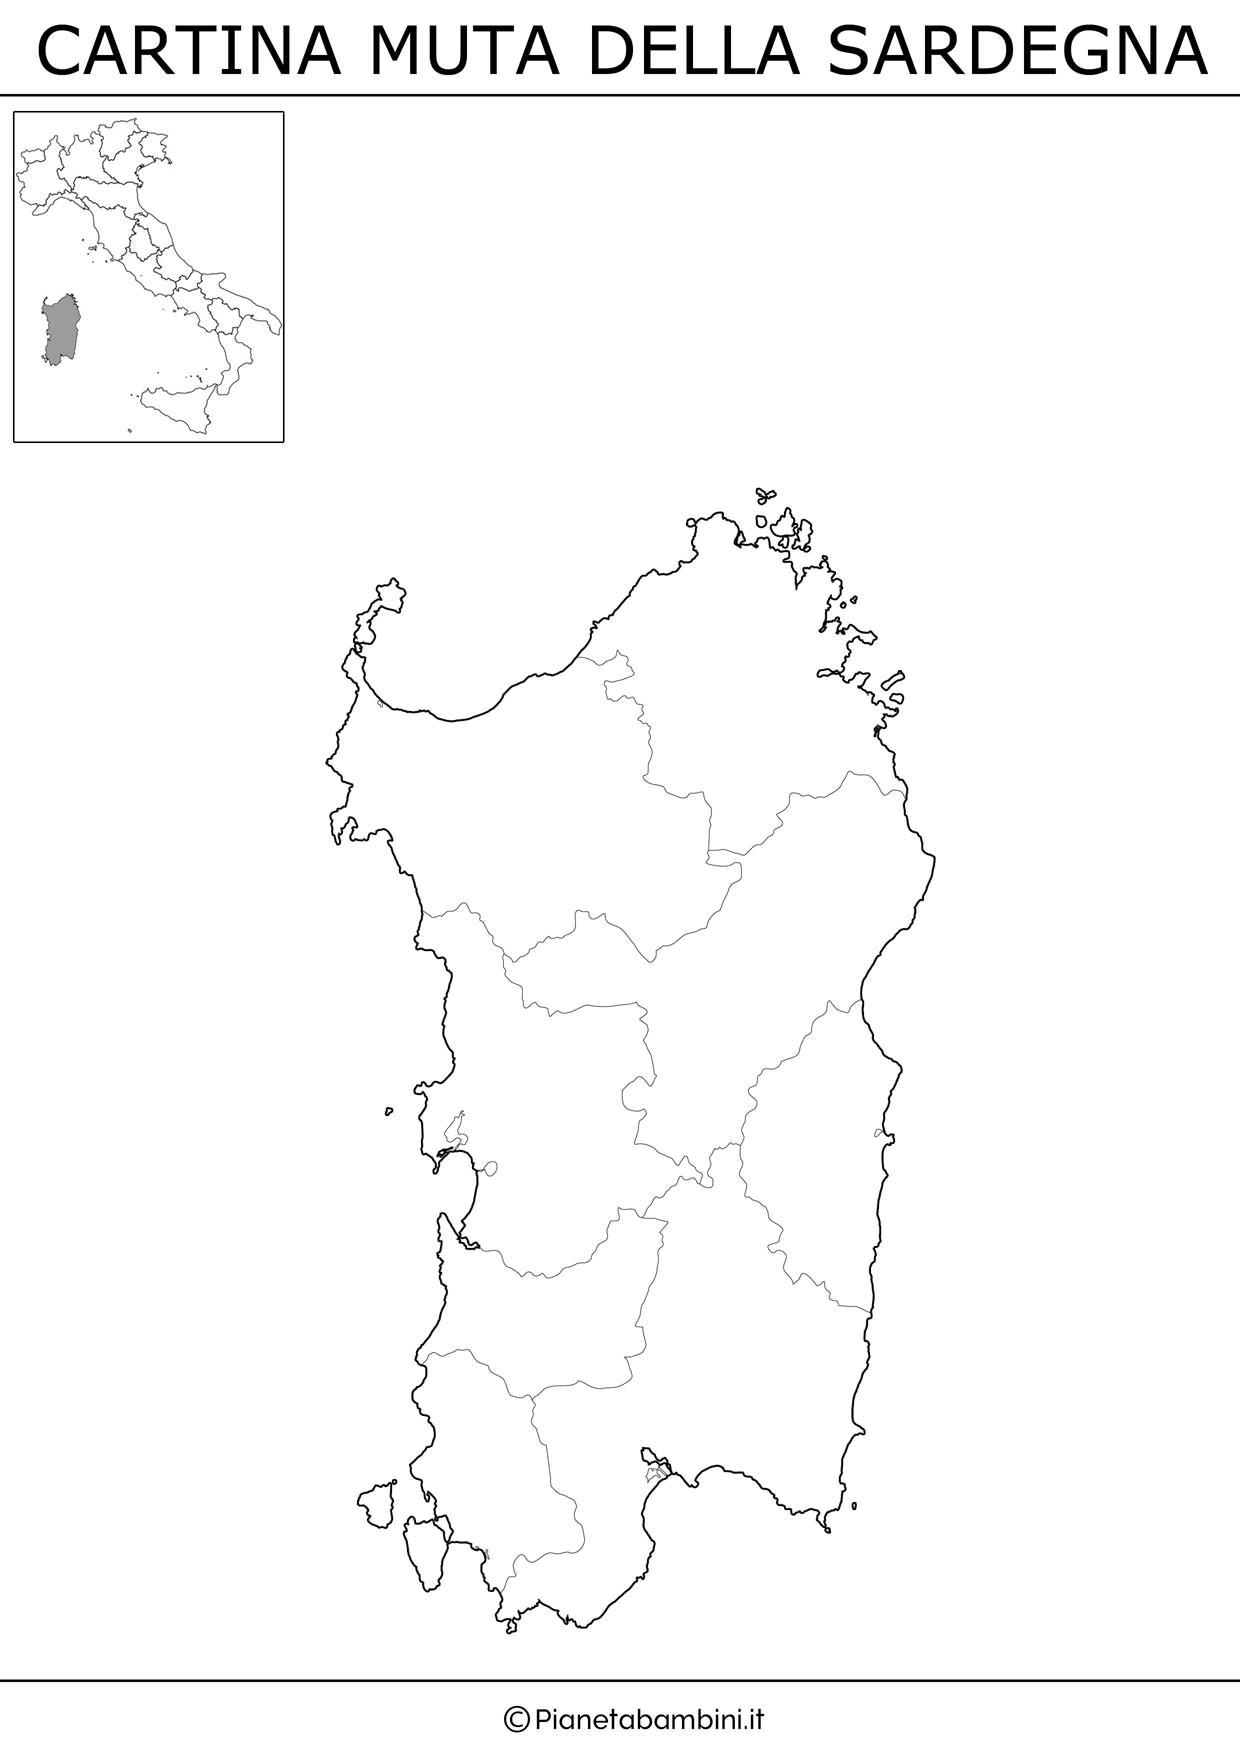 Cartina della Sardegna in versione muta da stampare gratis